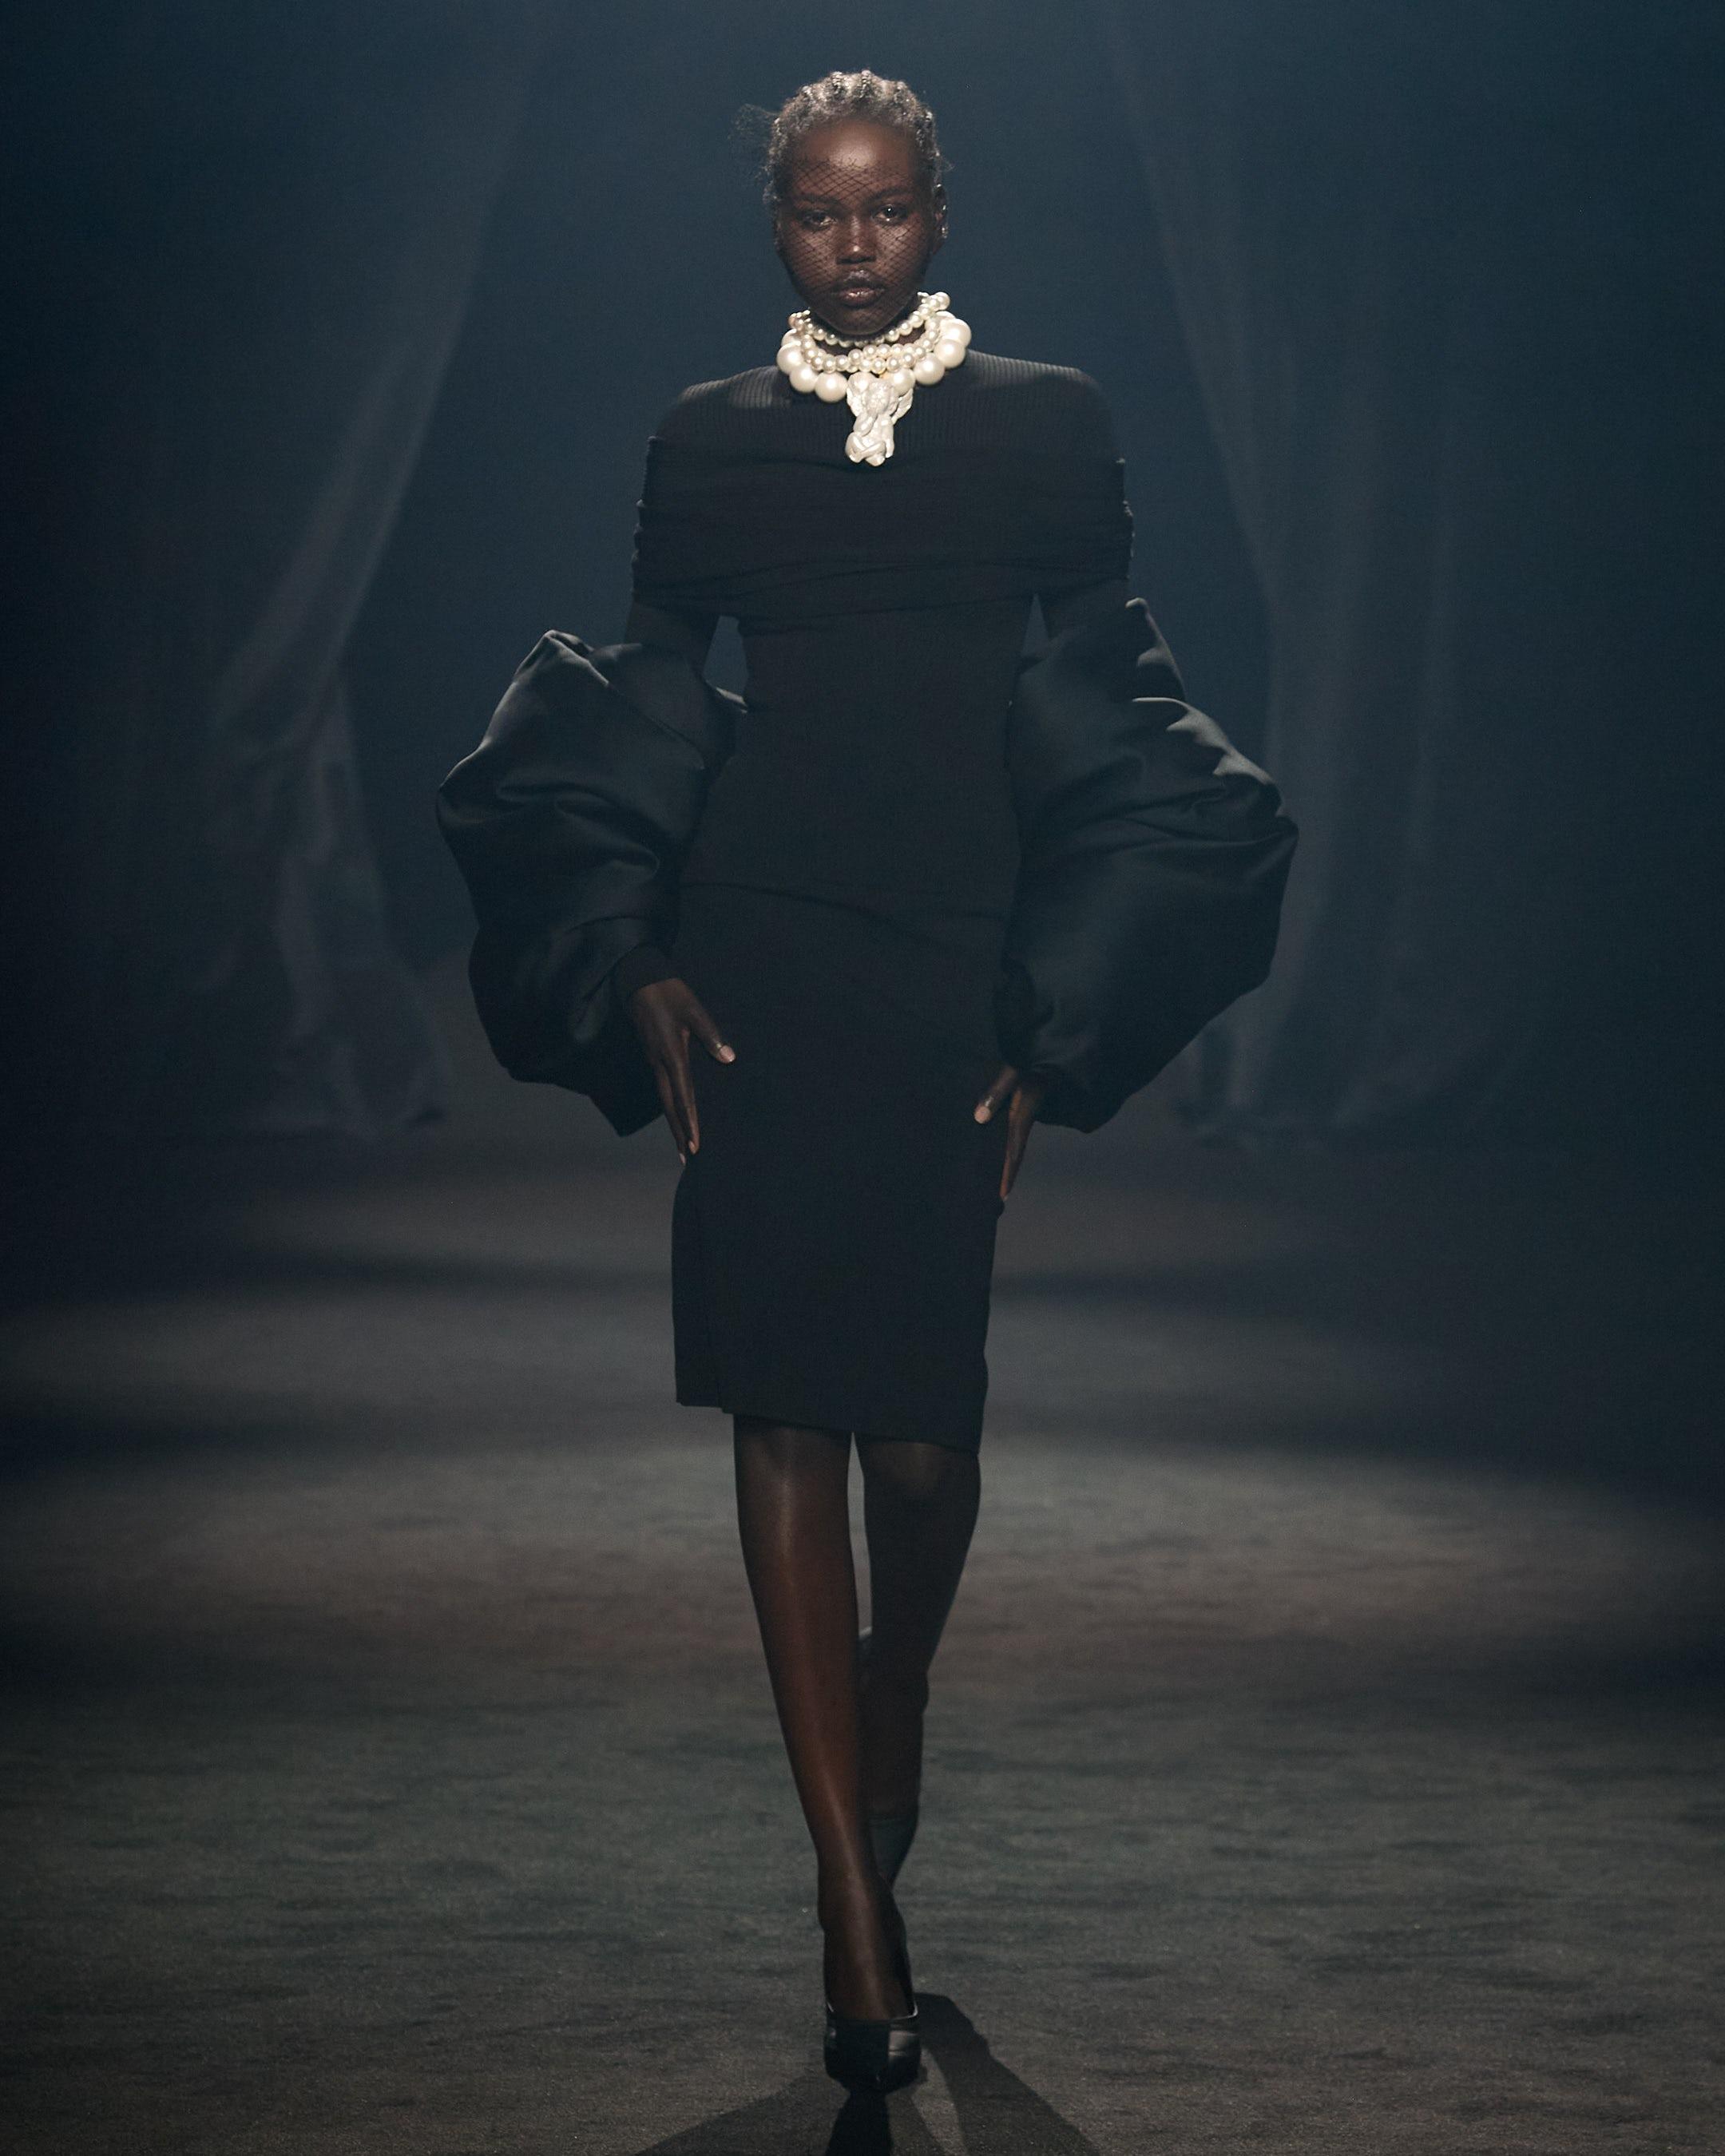 作为巴黎时装周的一部分,阿杜特·阿克奇在阿尔伯·埃尔巴兹致敬展上以AZ工厂的造型走在T台上。礼貌亚博账号忘记了怎么办